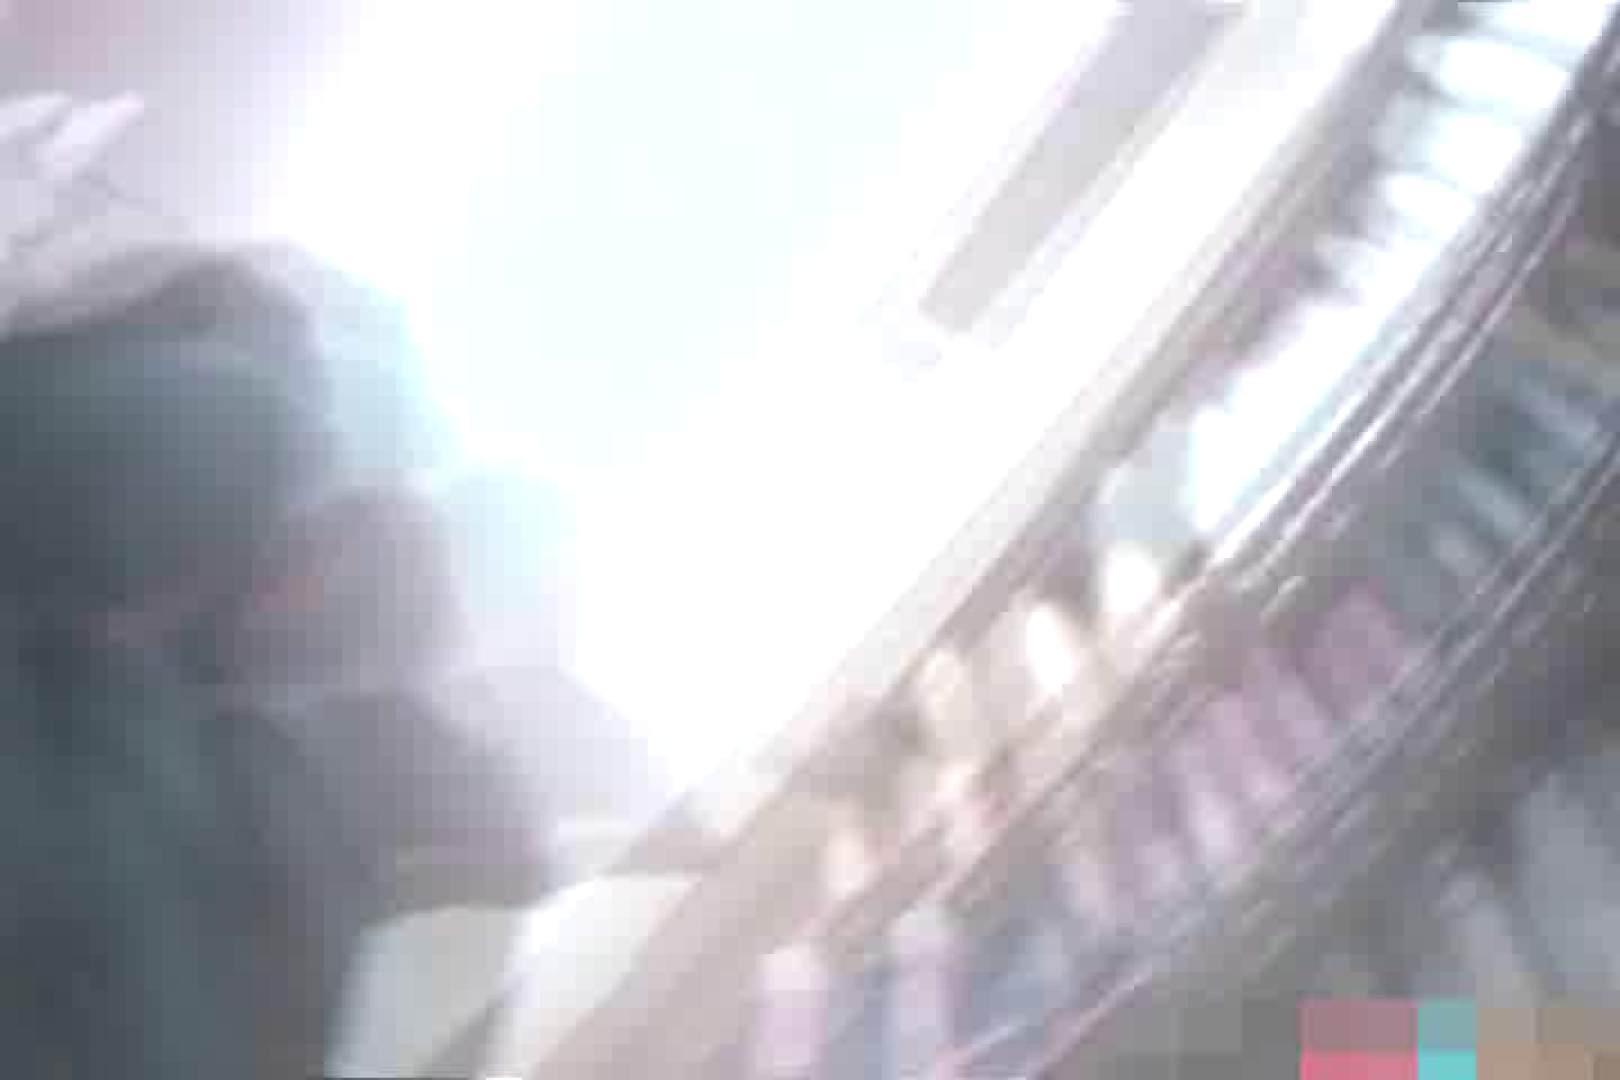 カメラぶっこみ!パンチラ奪取!!Vol.7 チラ  77PIX 72